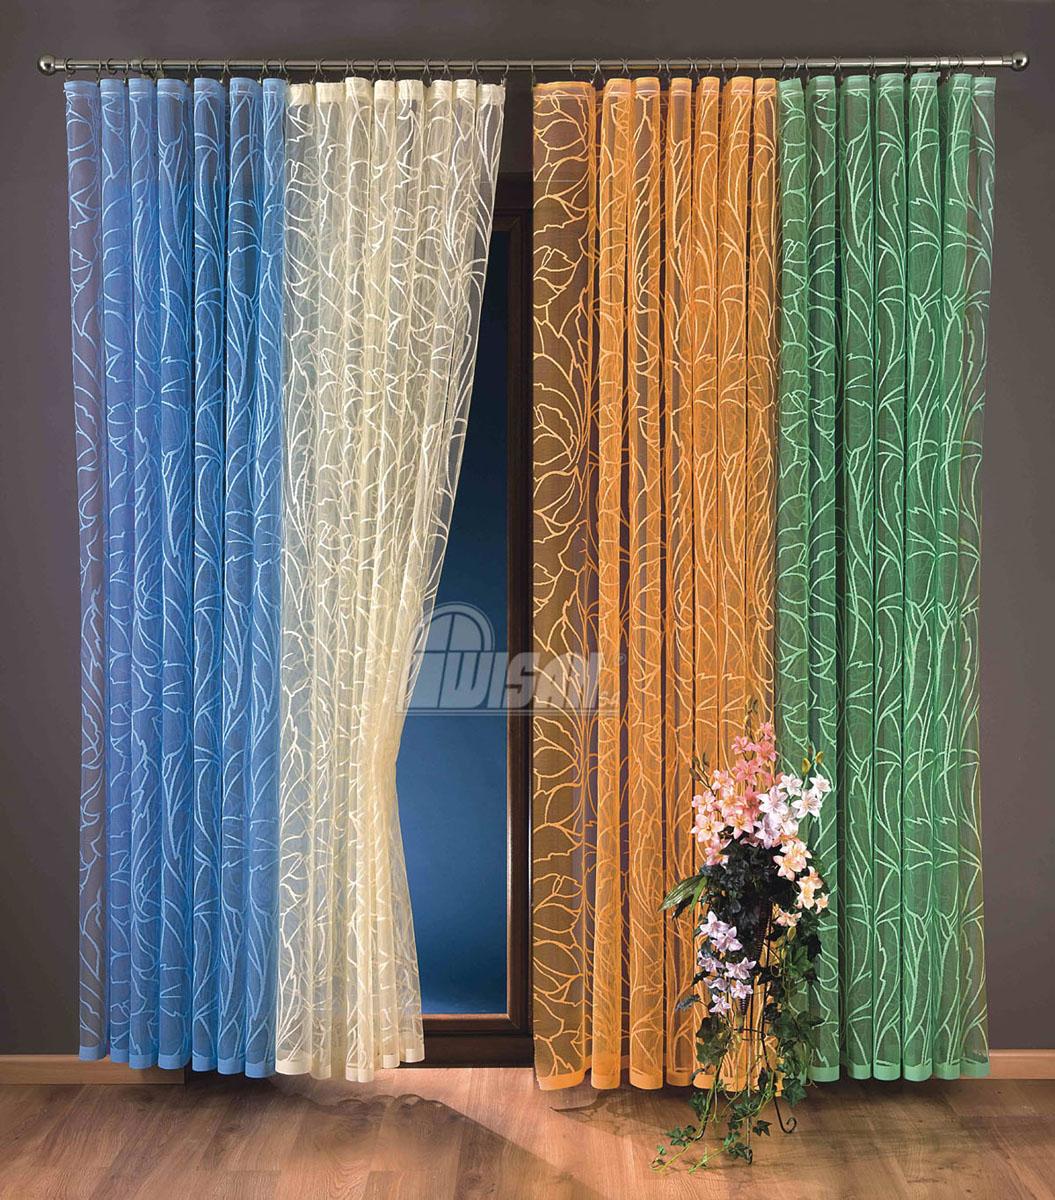 Гардина-тюль Zara, на ленте, цвет: зеленый, высота 250 смPANTERA SPX-2RSВоздушная гардина-тюль Zara, изготовленная из полиэстера зеленого цвета, станет великолепным украшением любого окна. Тонкое плетение, оригинальный дизайн и приятная цветовая гамма привлекут к себе внимание и органично впишутся в интерьер комнаты. В гардину-тюль вшита шторная лента. Характеристики:Материал: 100% полиэстер. Цвет: зеленый. Размер упаковки:27 см х 36 см х 2 см. Артикул: 737208.В комплект входит:Гардина-тюль - 1 шт. Размер (Ш х В): 150 см х 250 см. Фирма Wisan на польском рынке существует уже более пятидесяти лет и является одной из лучших польских фабрик по производству штор и тканей. Ассортимент фирмы представлен готовыми комплектами штор для гостиной, детской, кухни, а также текстилем для кухни (скатерти, салфетки, дорожки, кухонные занавески). Модельный ряд отличает оригинальный дизайн, высокое качество. Ассортимент продукции постоянно пополняется.УВАЖАЕМЫЕ КЛИЕНТЫ!Обращаем ваше внимание на цвет изделия. Цветовой вариант гардины-тюли, данной в интерьере, служит для визуального восприятия товара. Цветовая гамма данной гардины-тюли представлена на отдельном изображении фрагментом ткани.